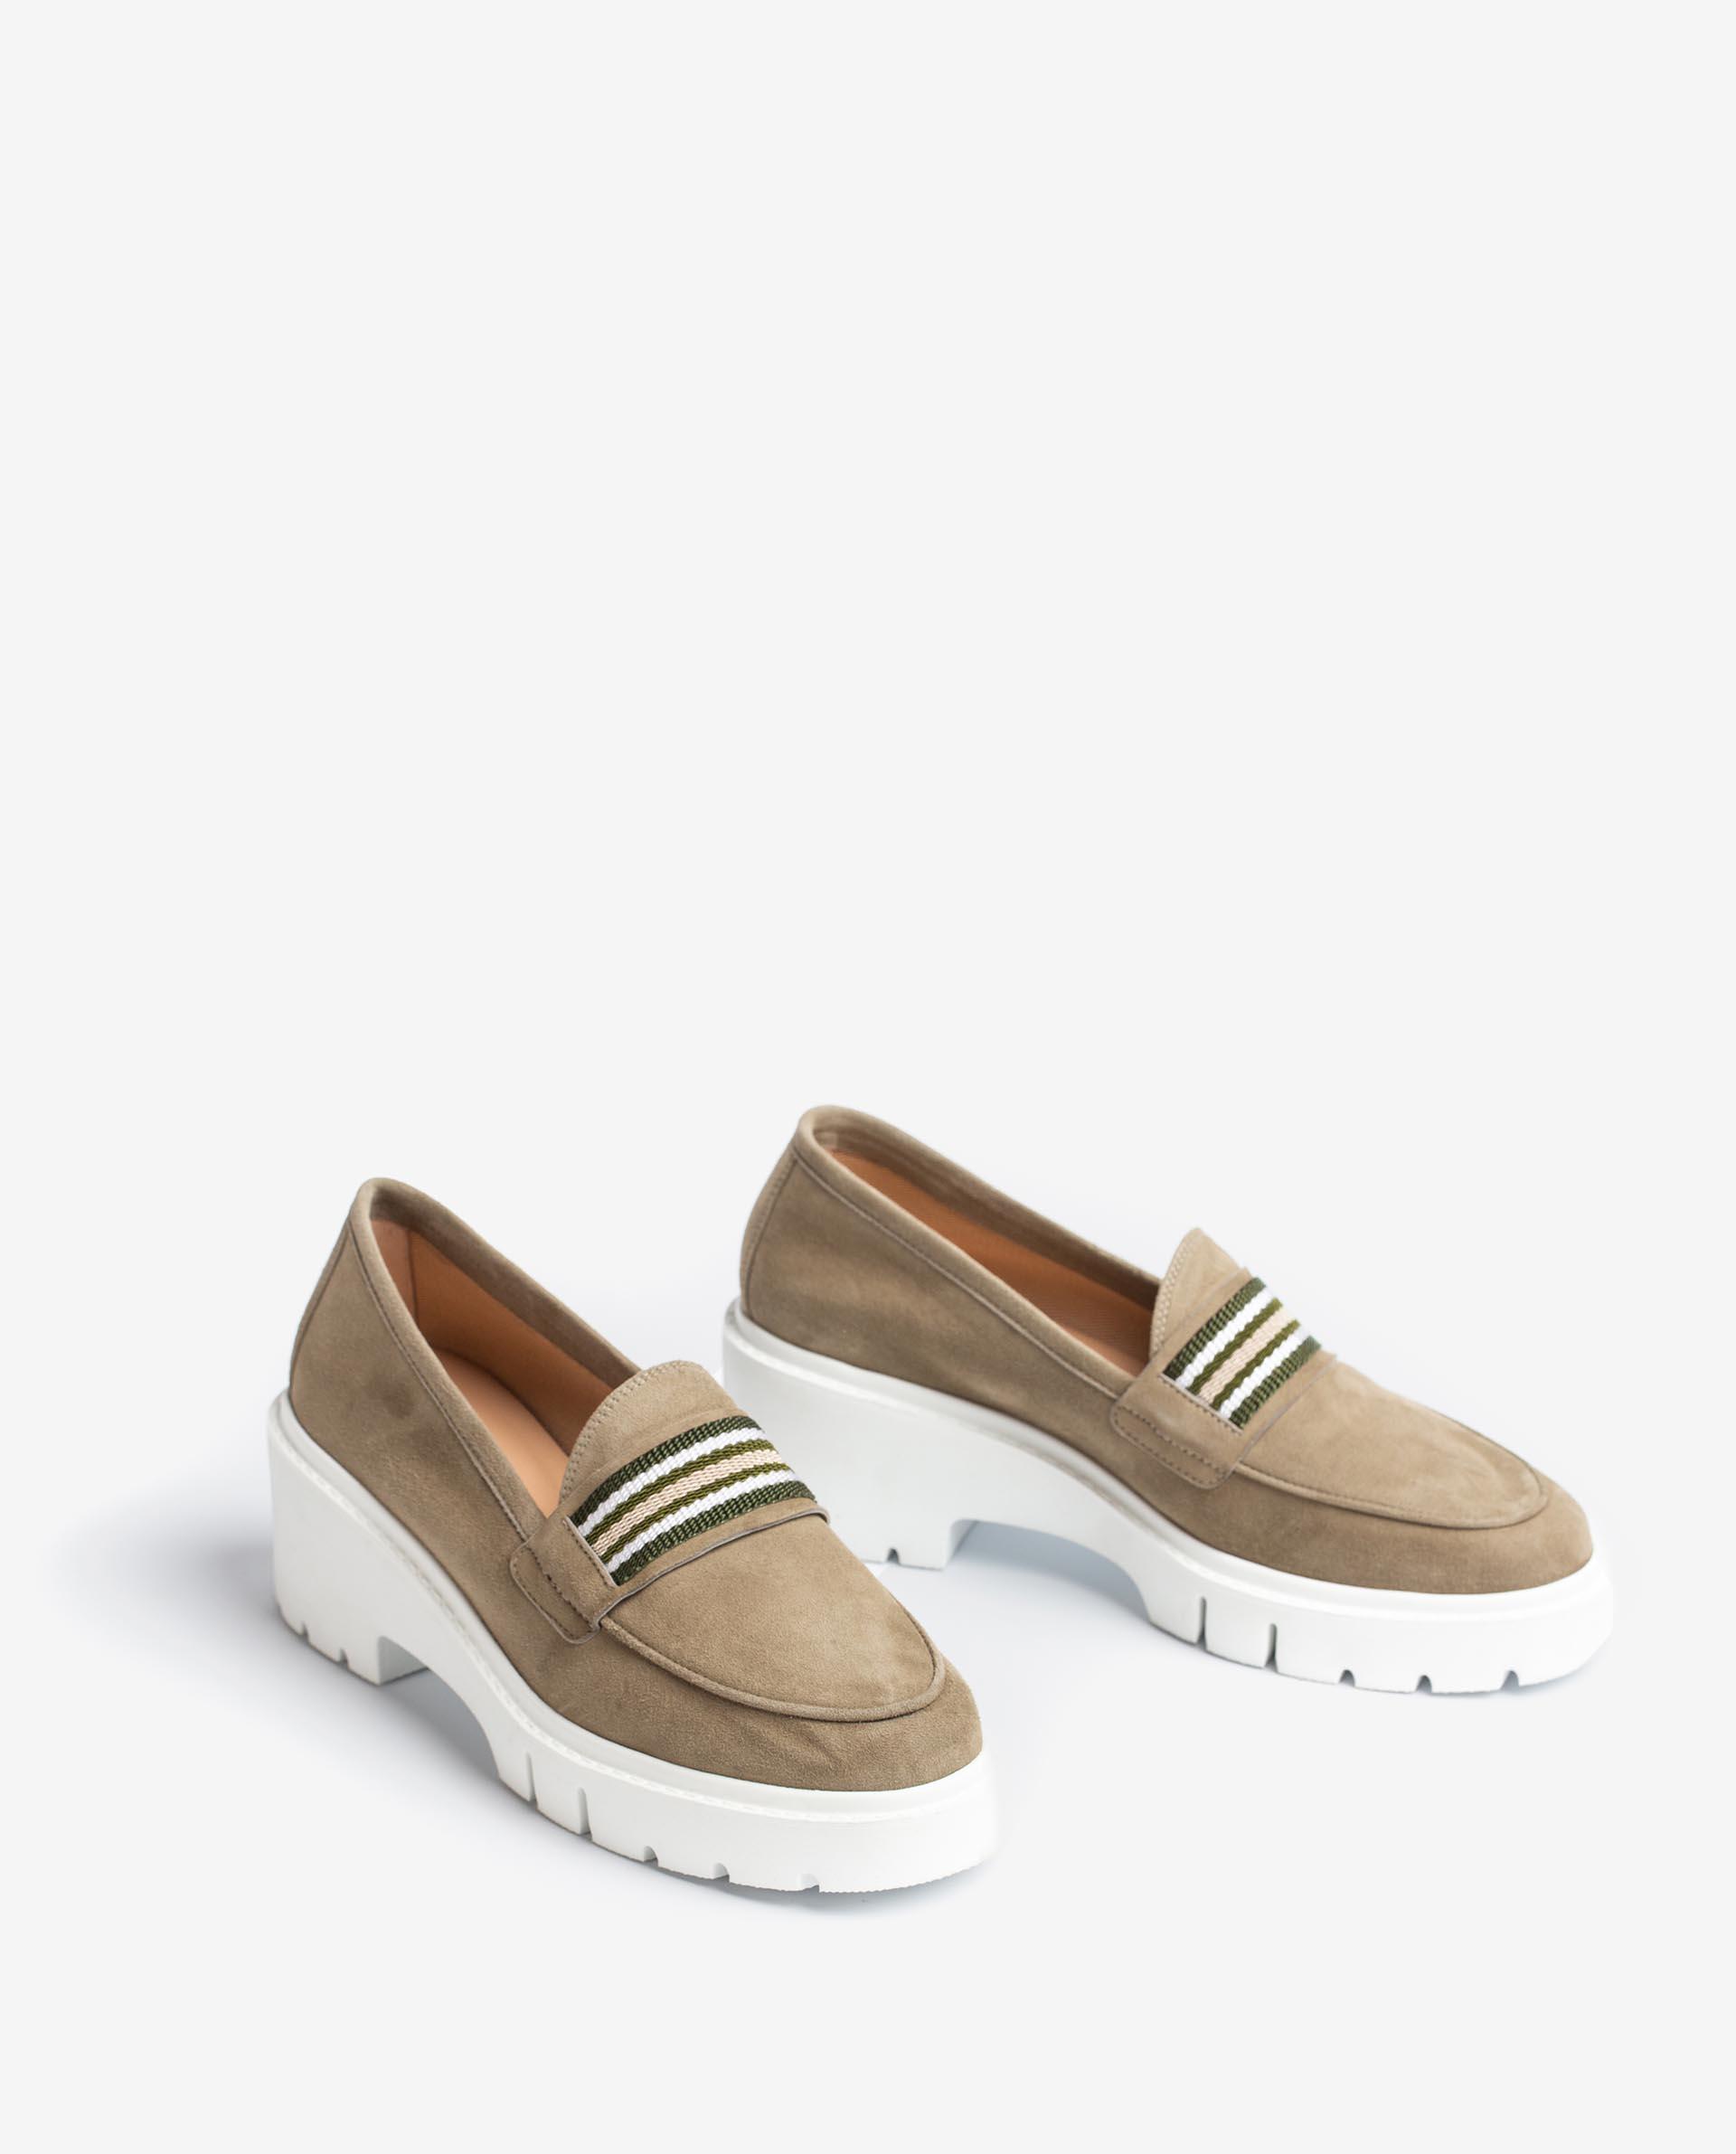 UNISA Track platform loafers JARILLA_KS 2